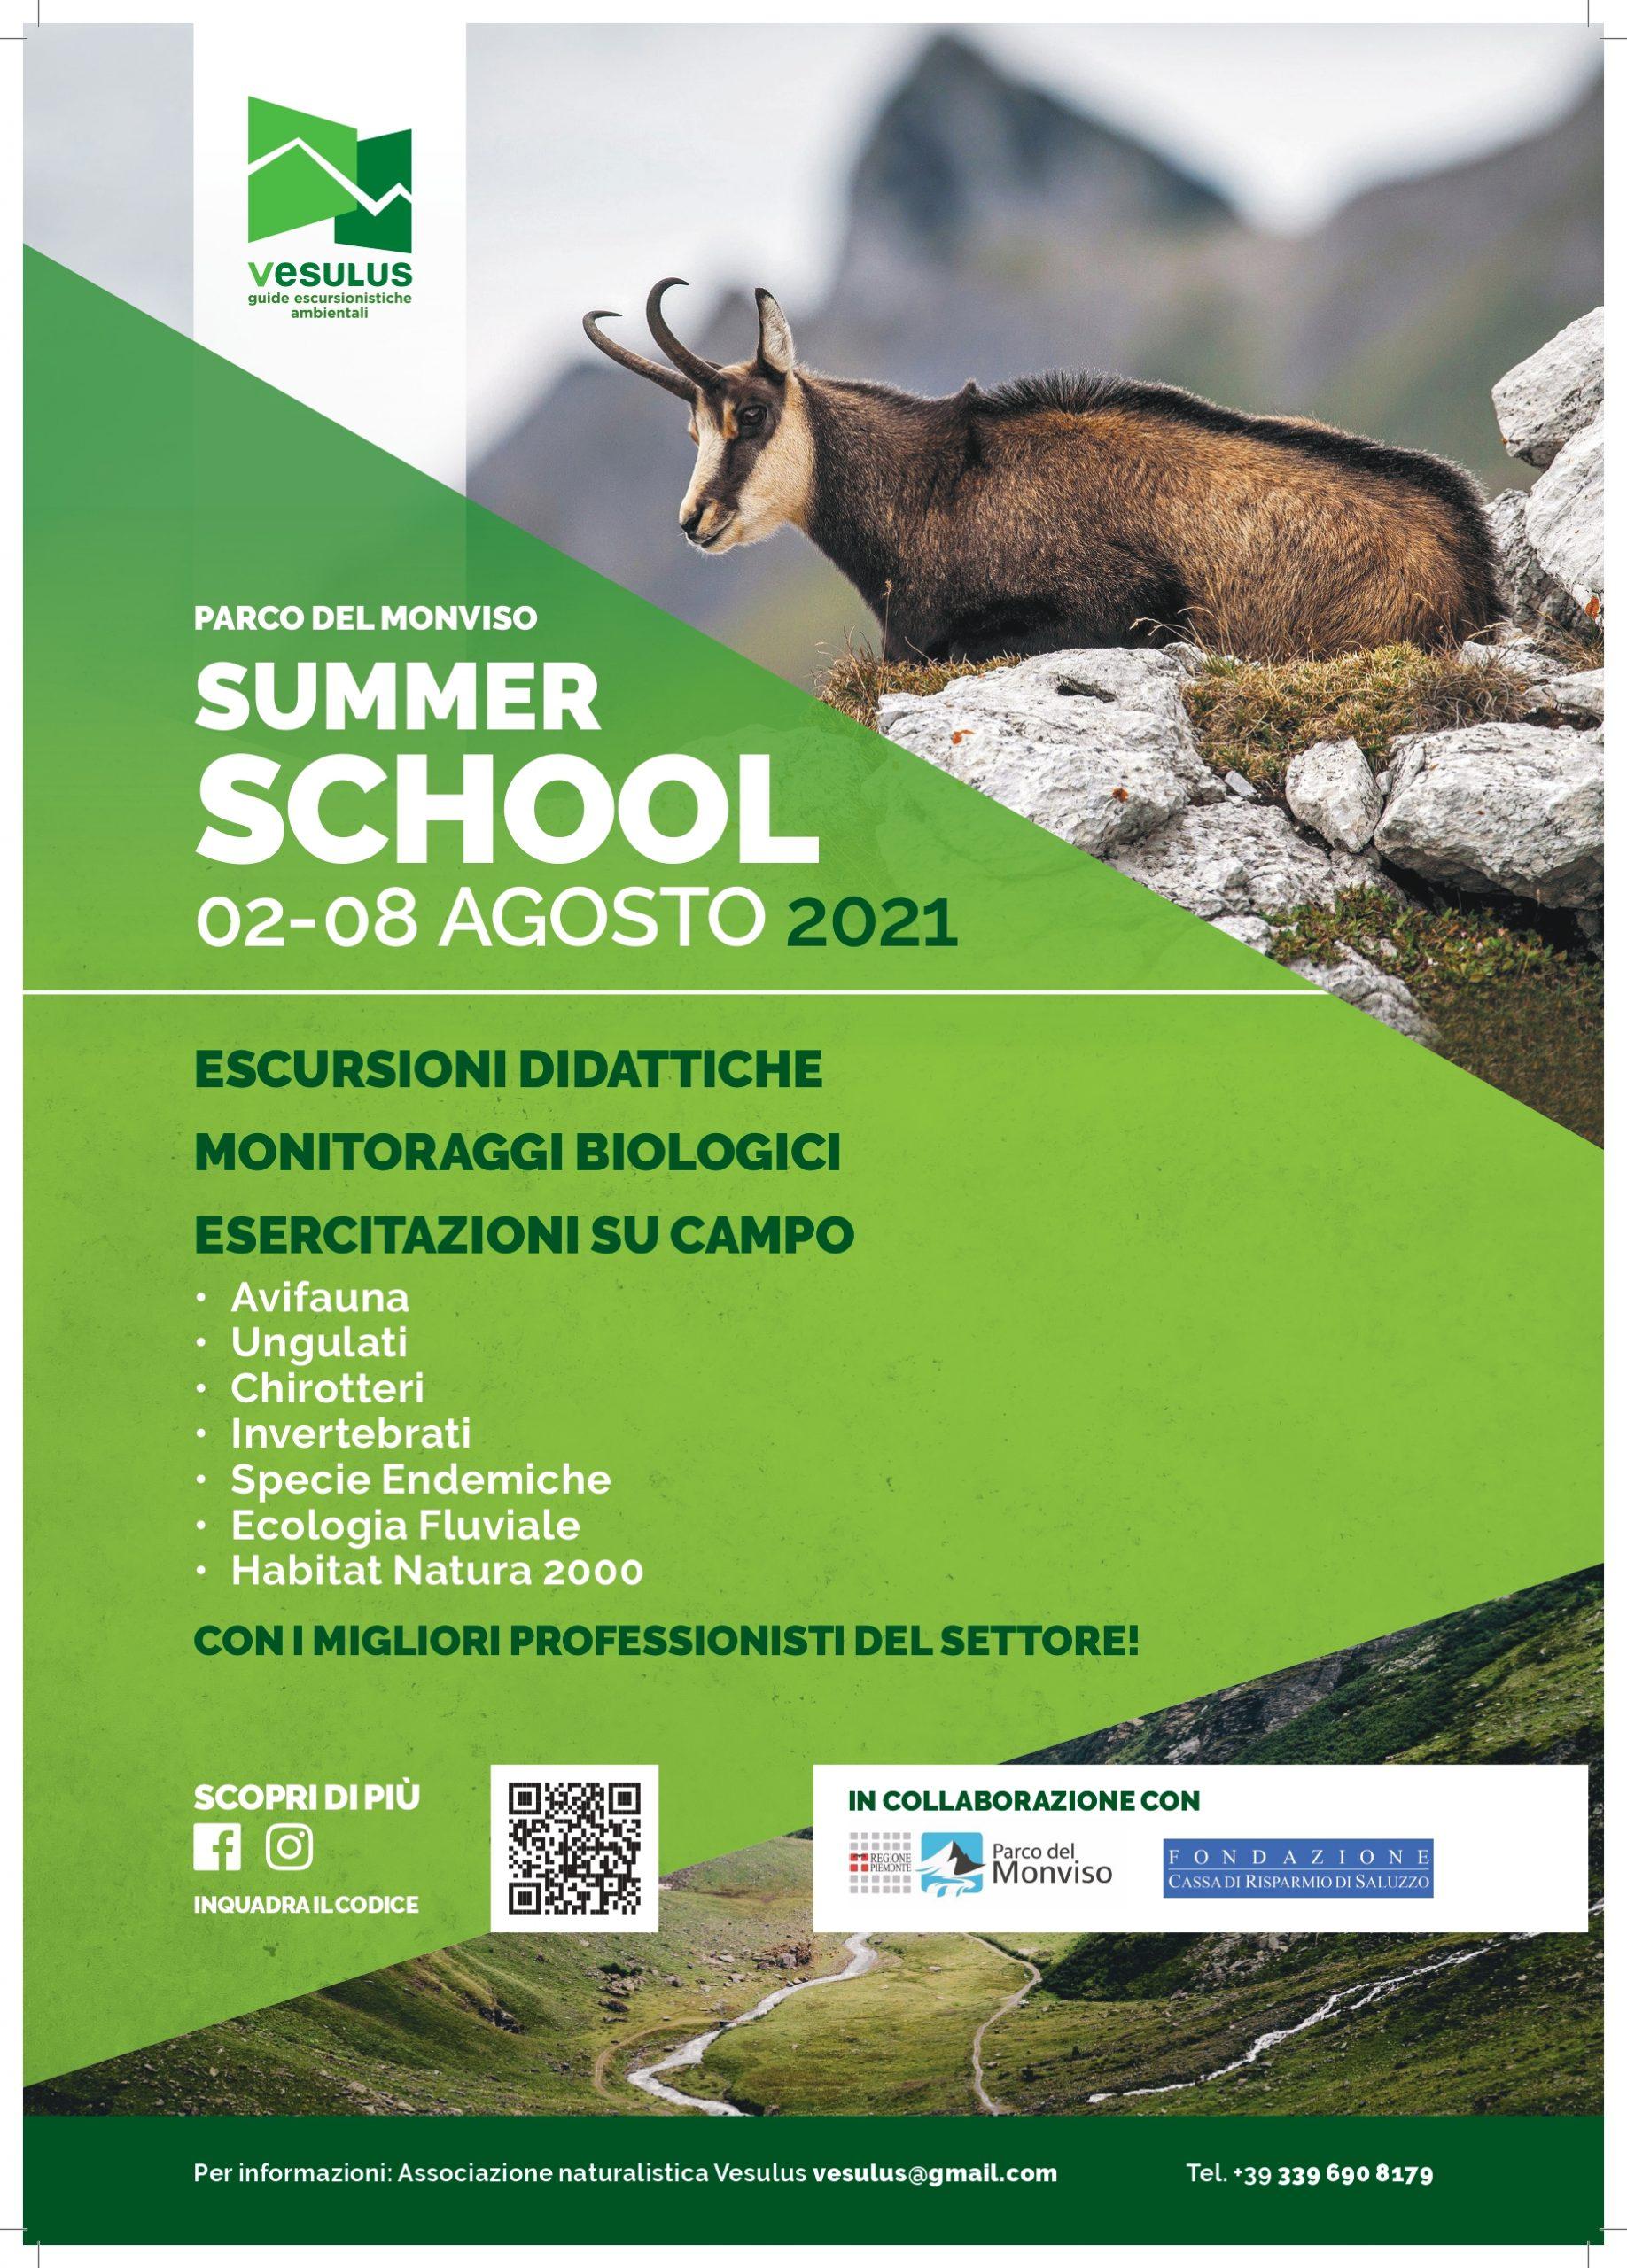 2-8 agosto 2021: Monviso Summer School 4^ edizione